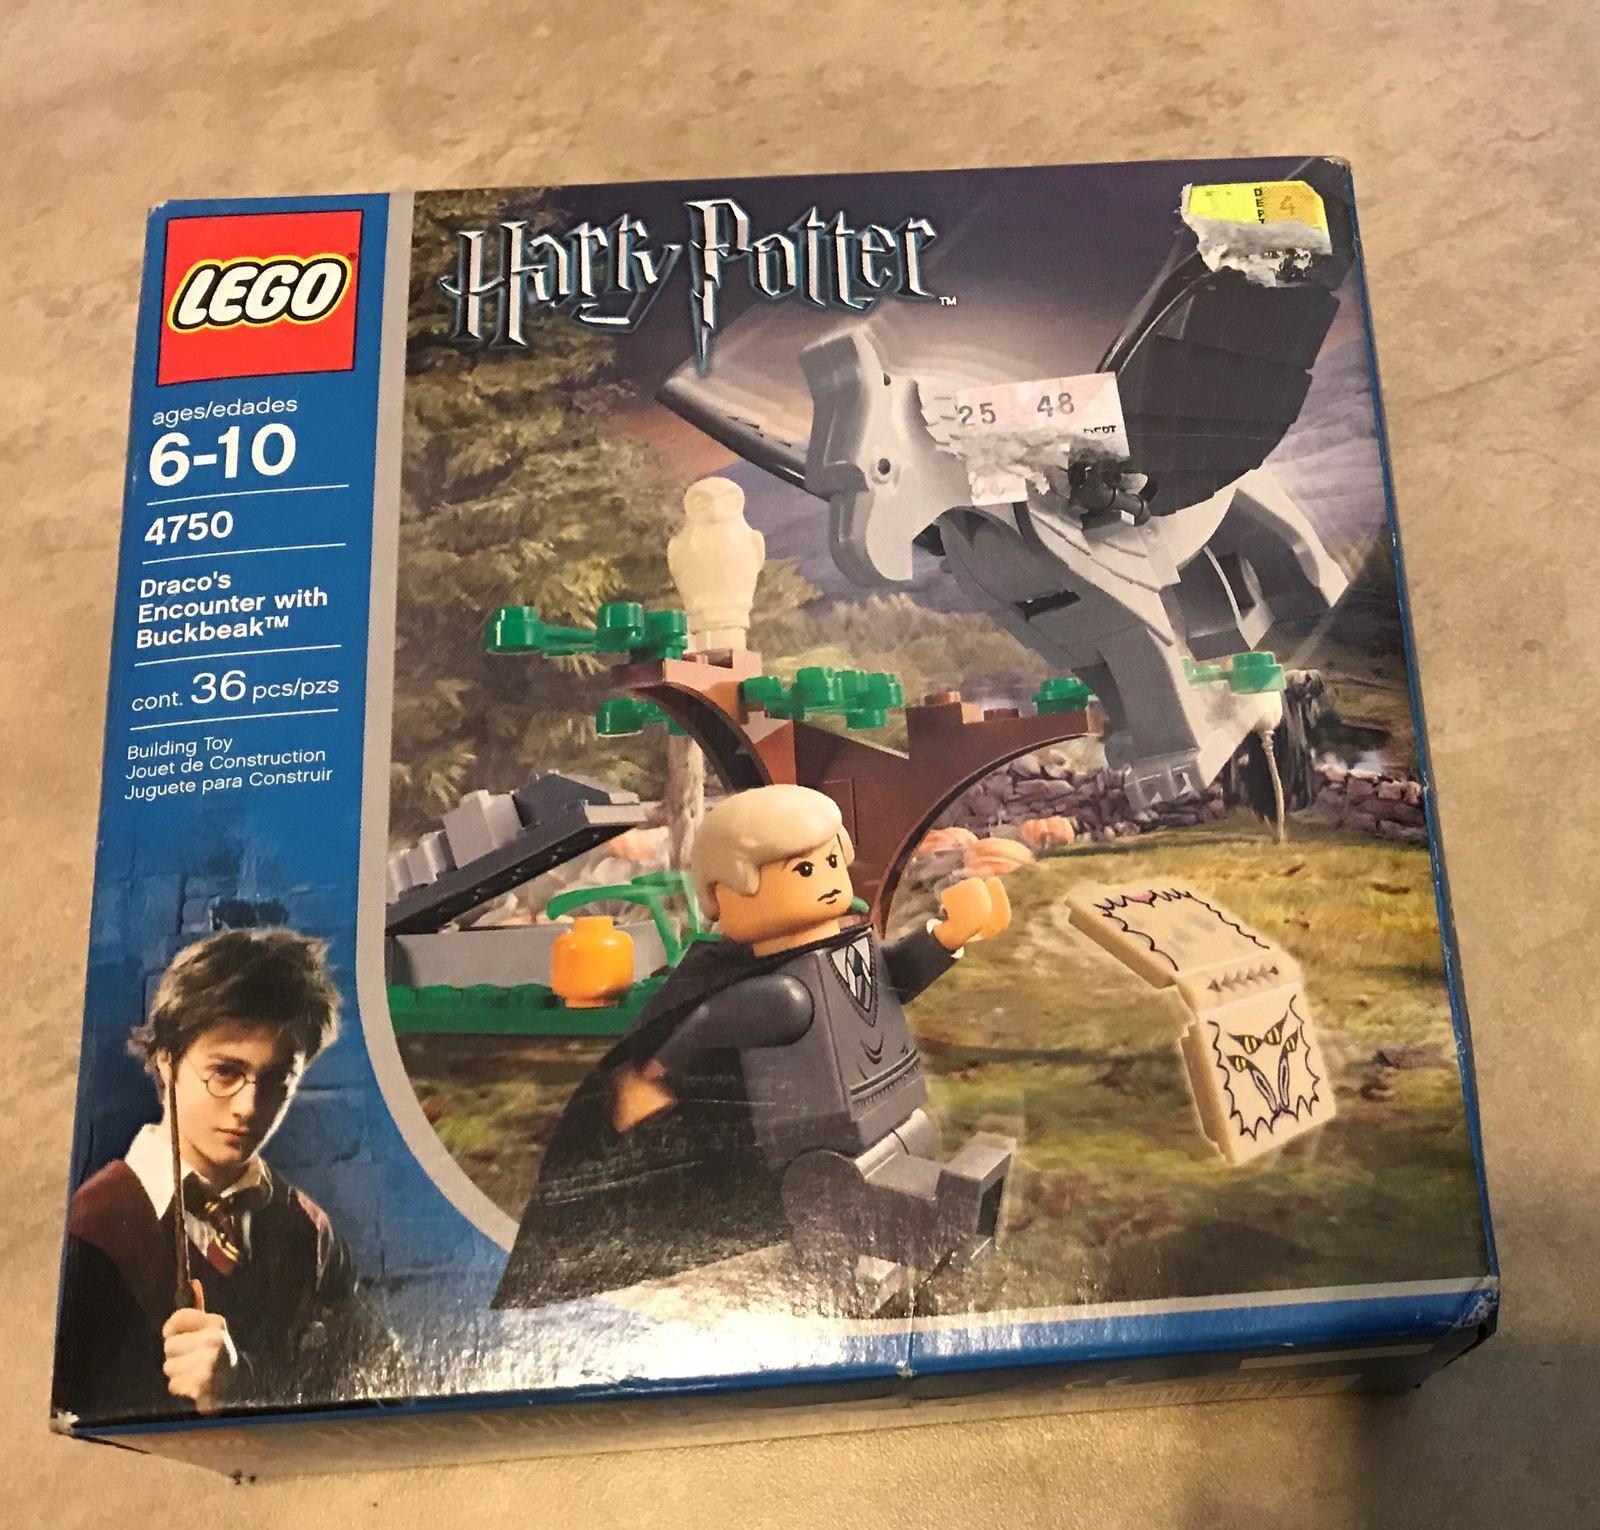 Set 4750 Lego Harry Potter Dracos encuentro con Buckbeak Nuevo Sellado De Fábrica 36 PC